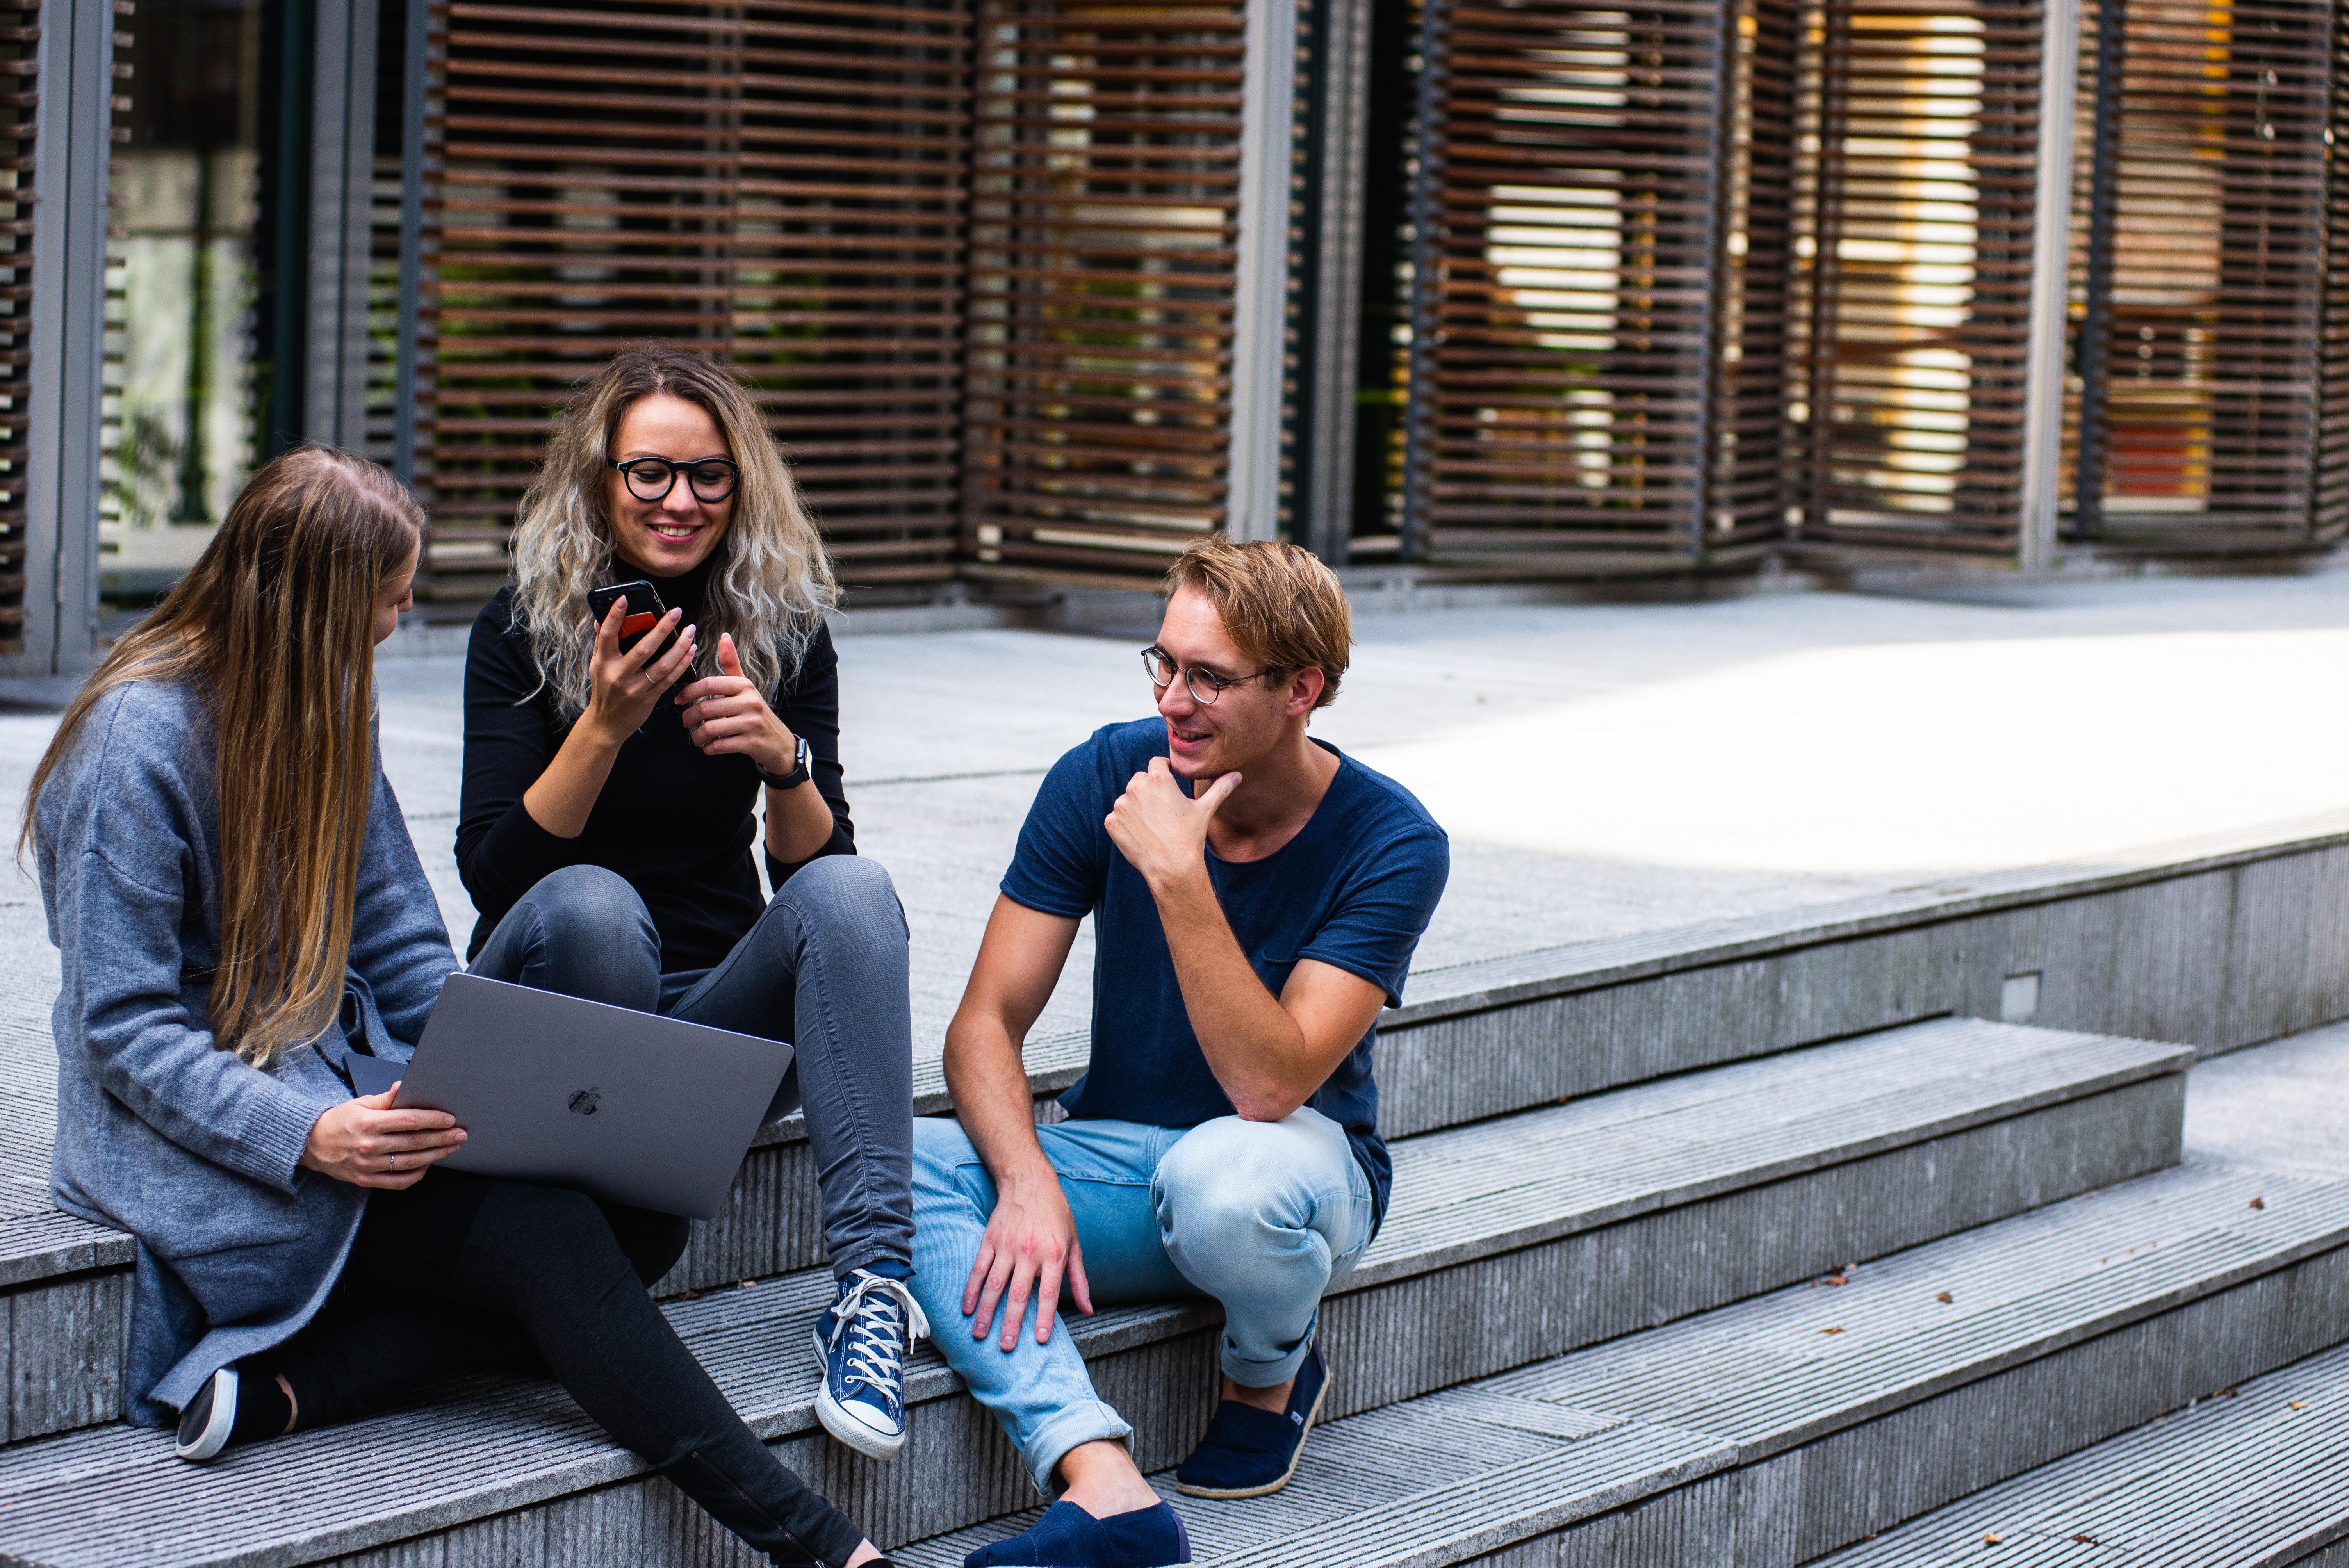 A quali brand sono fedeli le nuove generazioni?